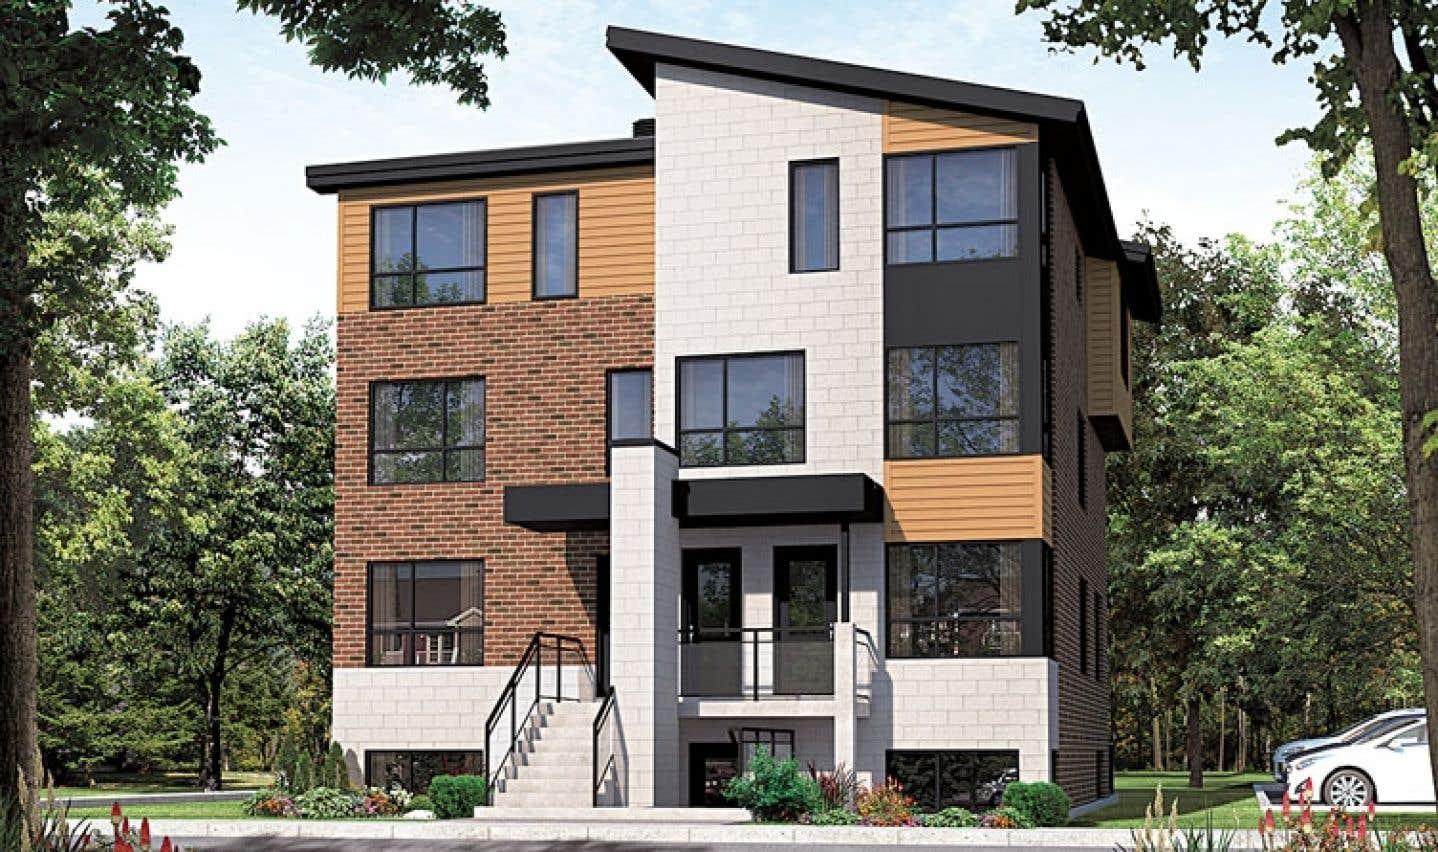 L'offre dans l'écoquartier du Faubourg Cousineau est diverse et comprend autant des maisons unifamiliales que des condos répartis dans des immeubles à cinq logements, comme celui-ci par exemple.